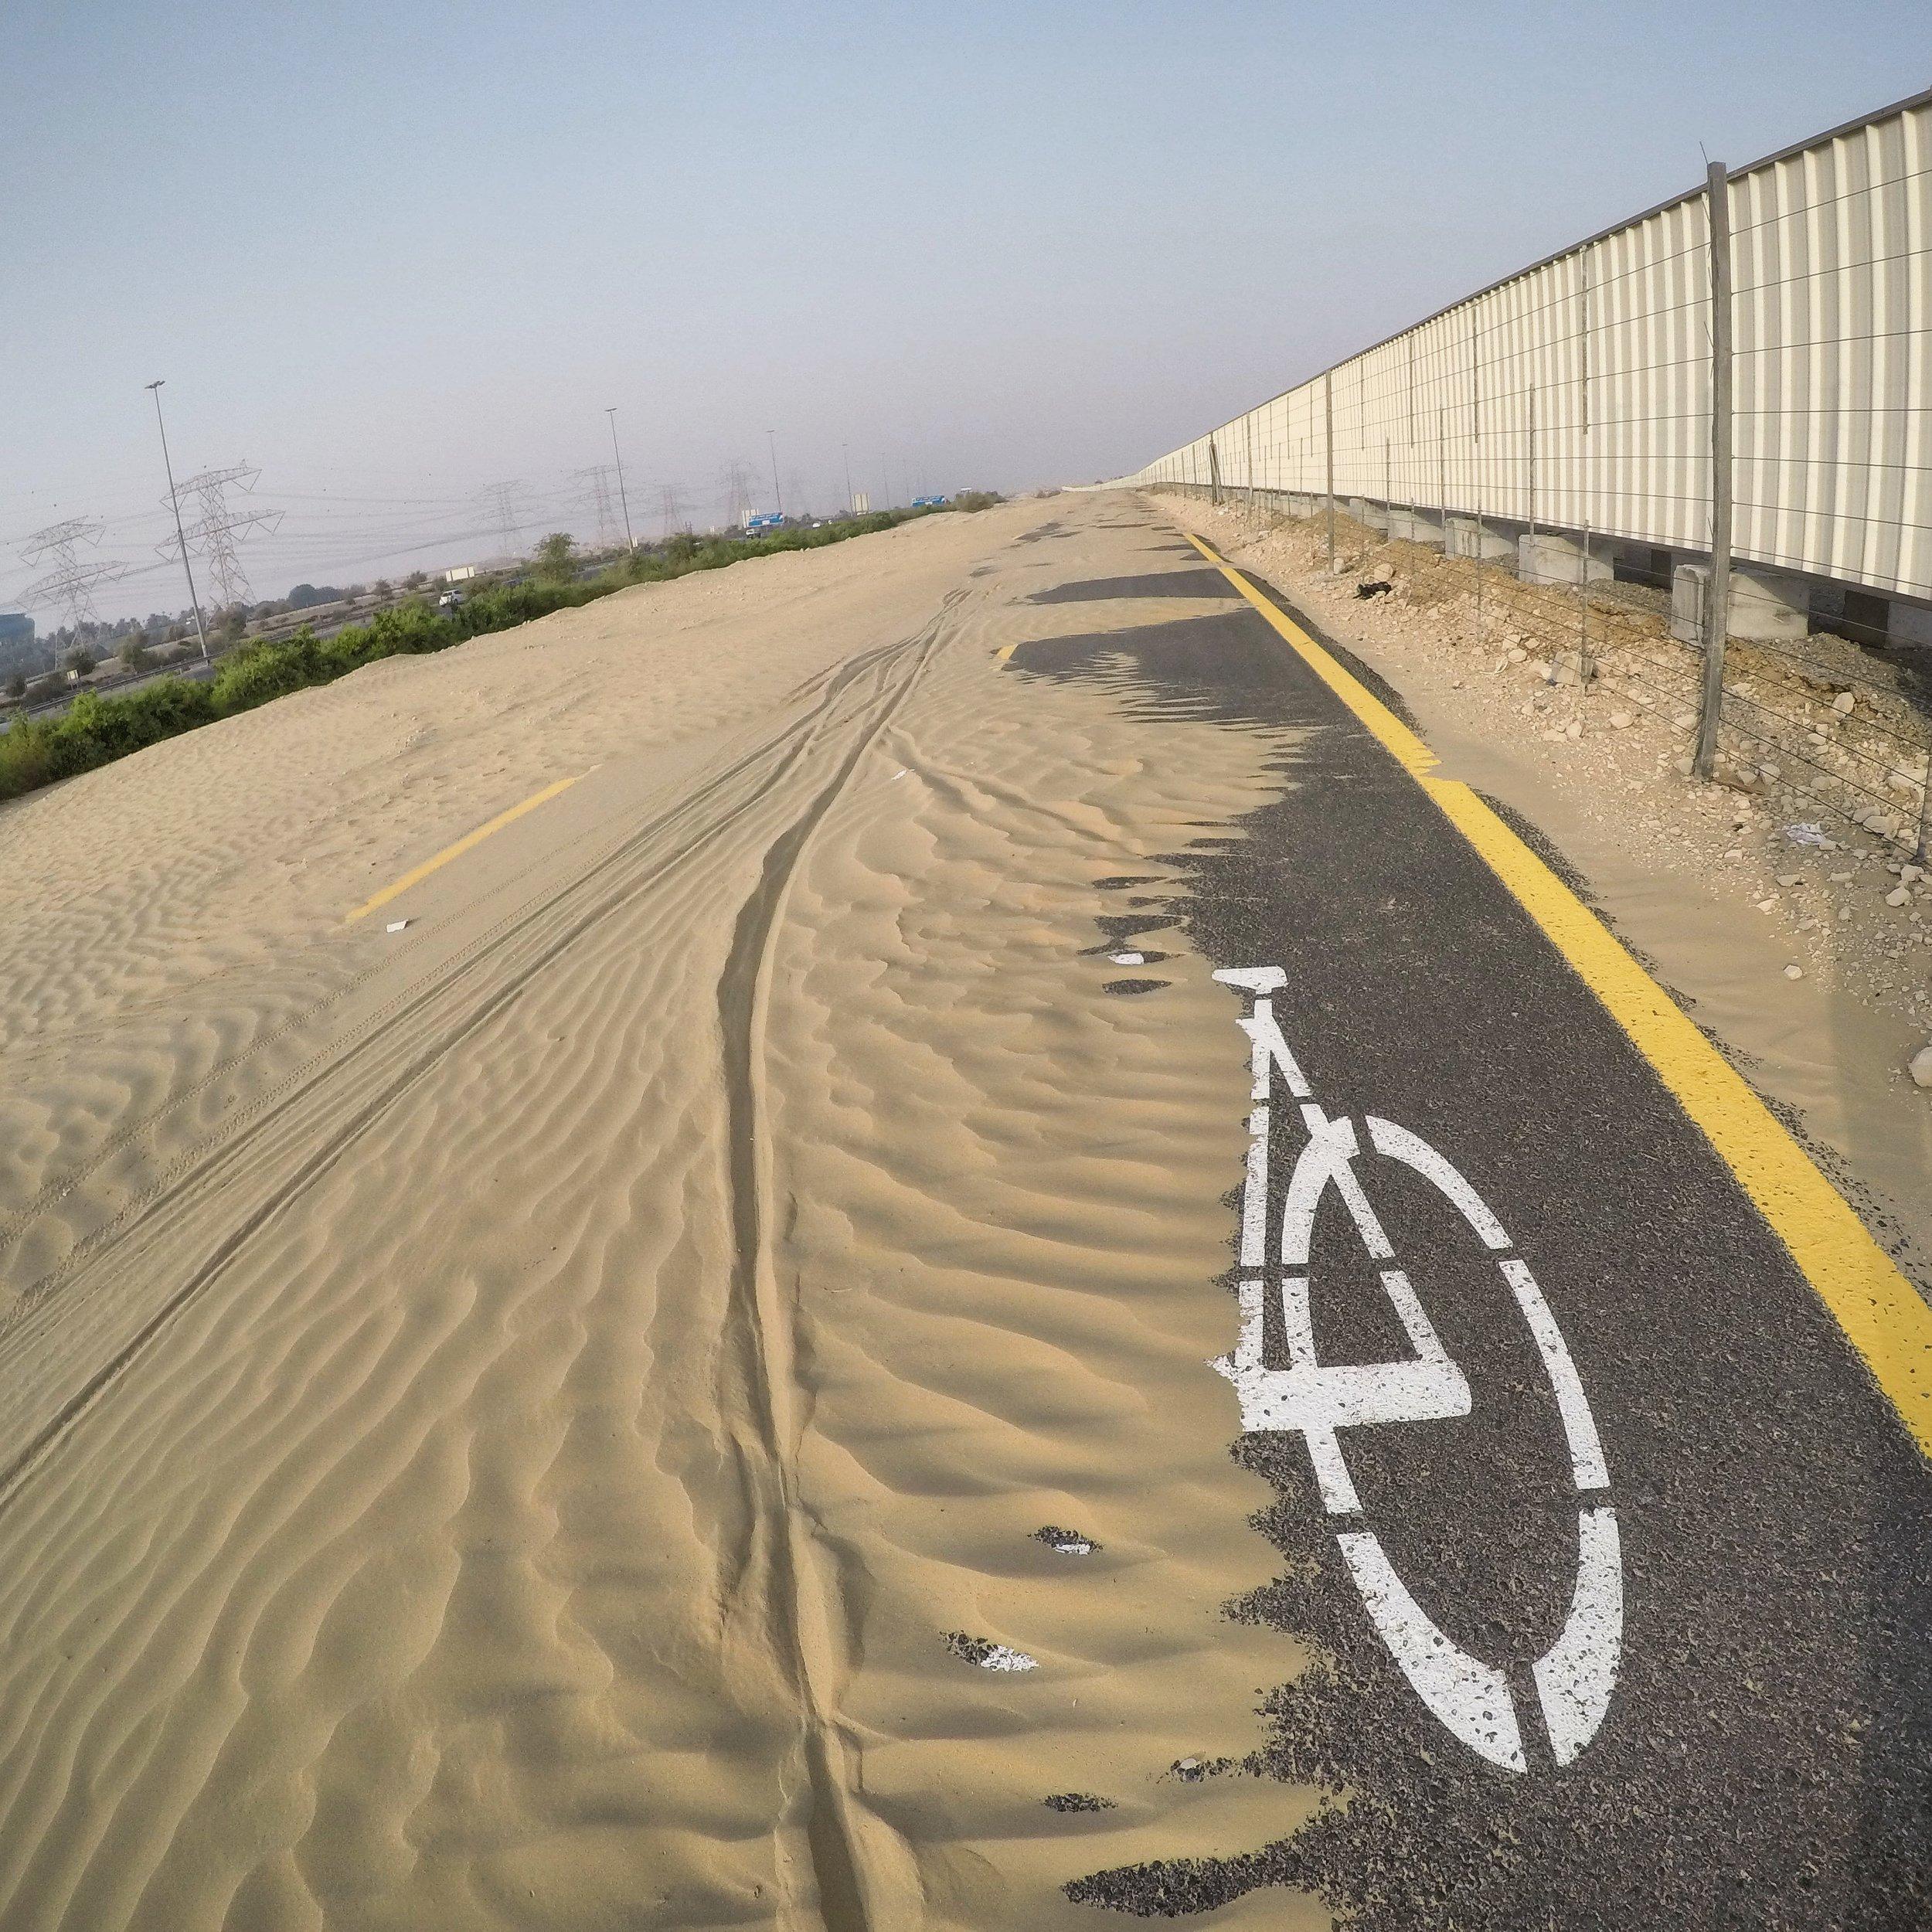 Al Qudra Bike Path, Dubai, UAE